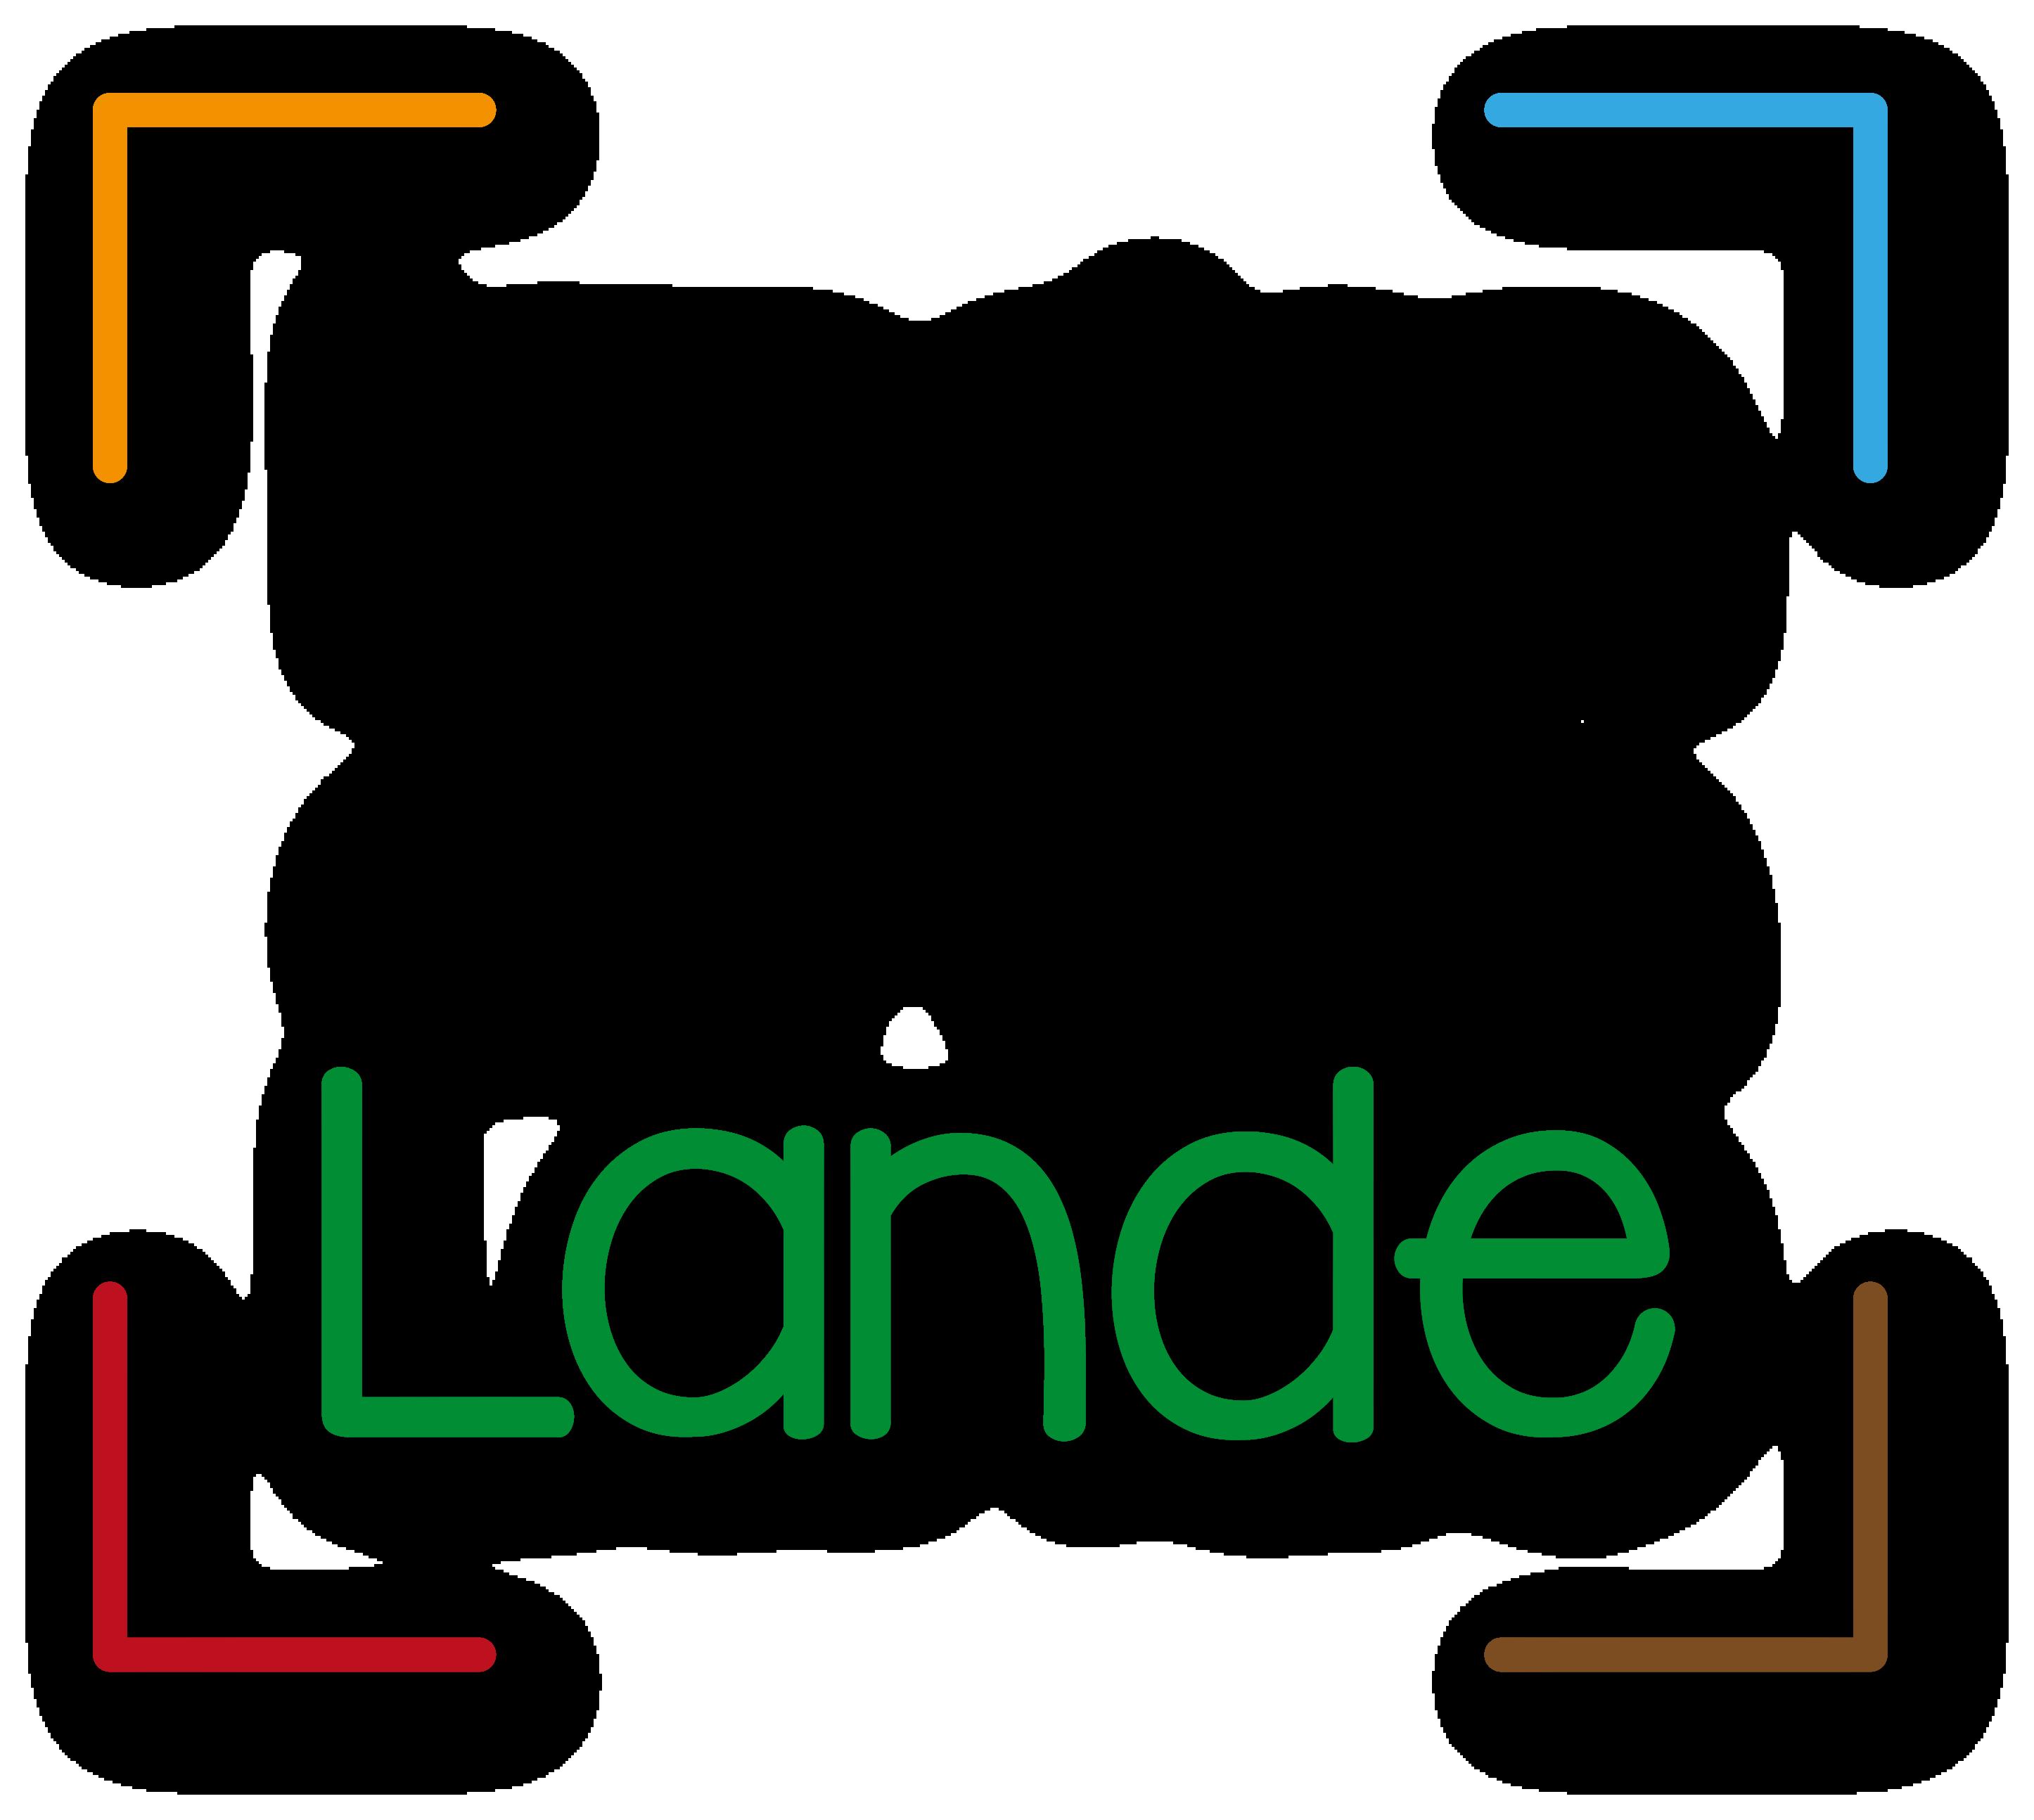 Landen auf dem Lande – online-Workshops zu praktischen Herausforderungen der Bildungsarbeit